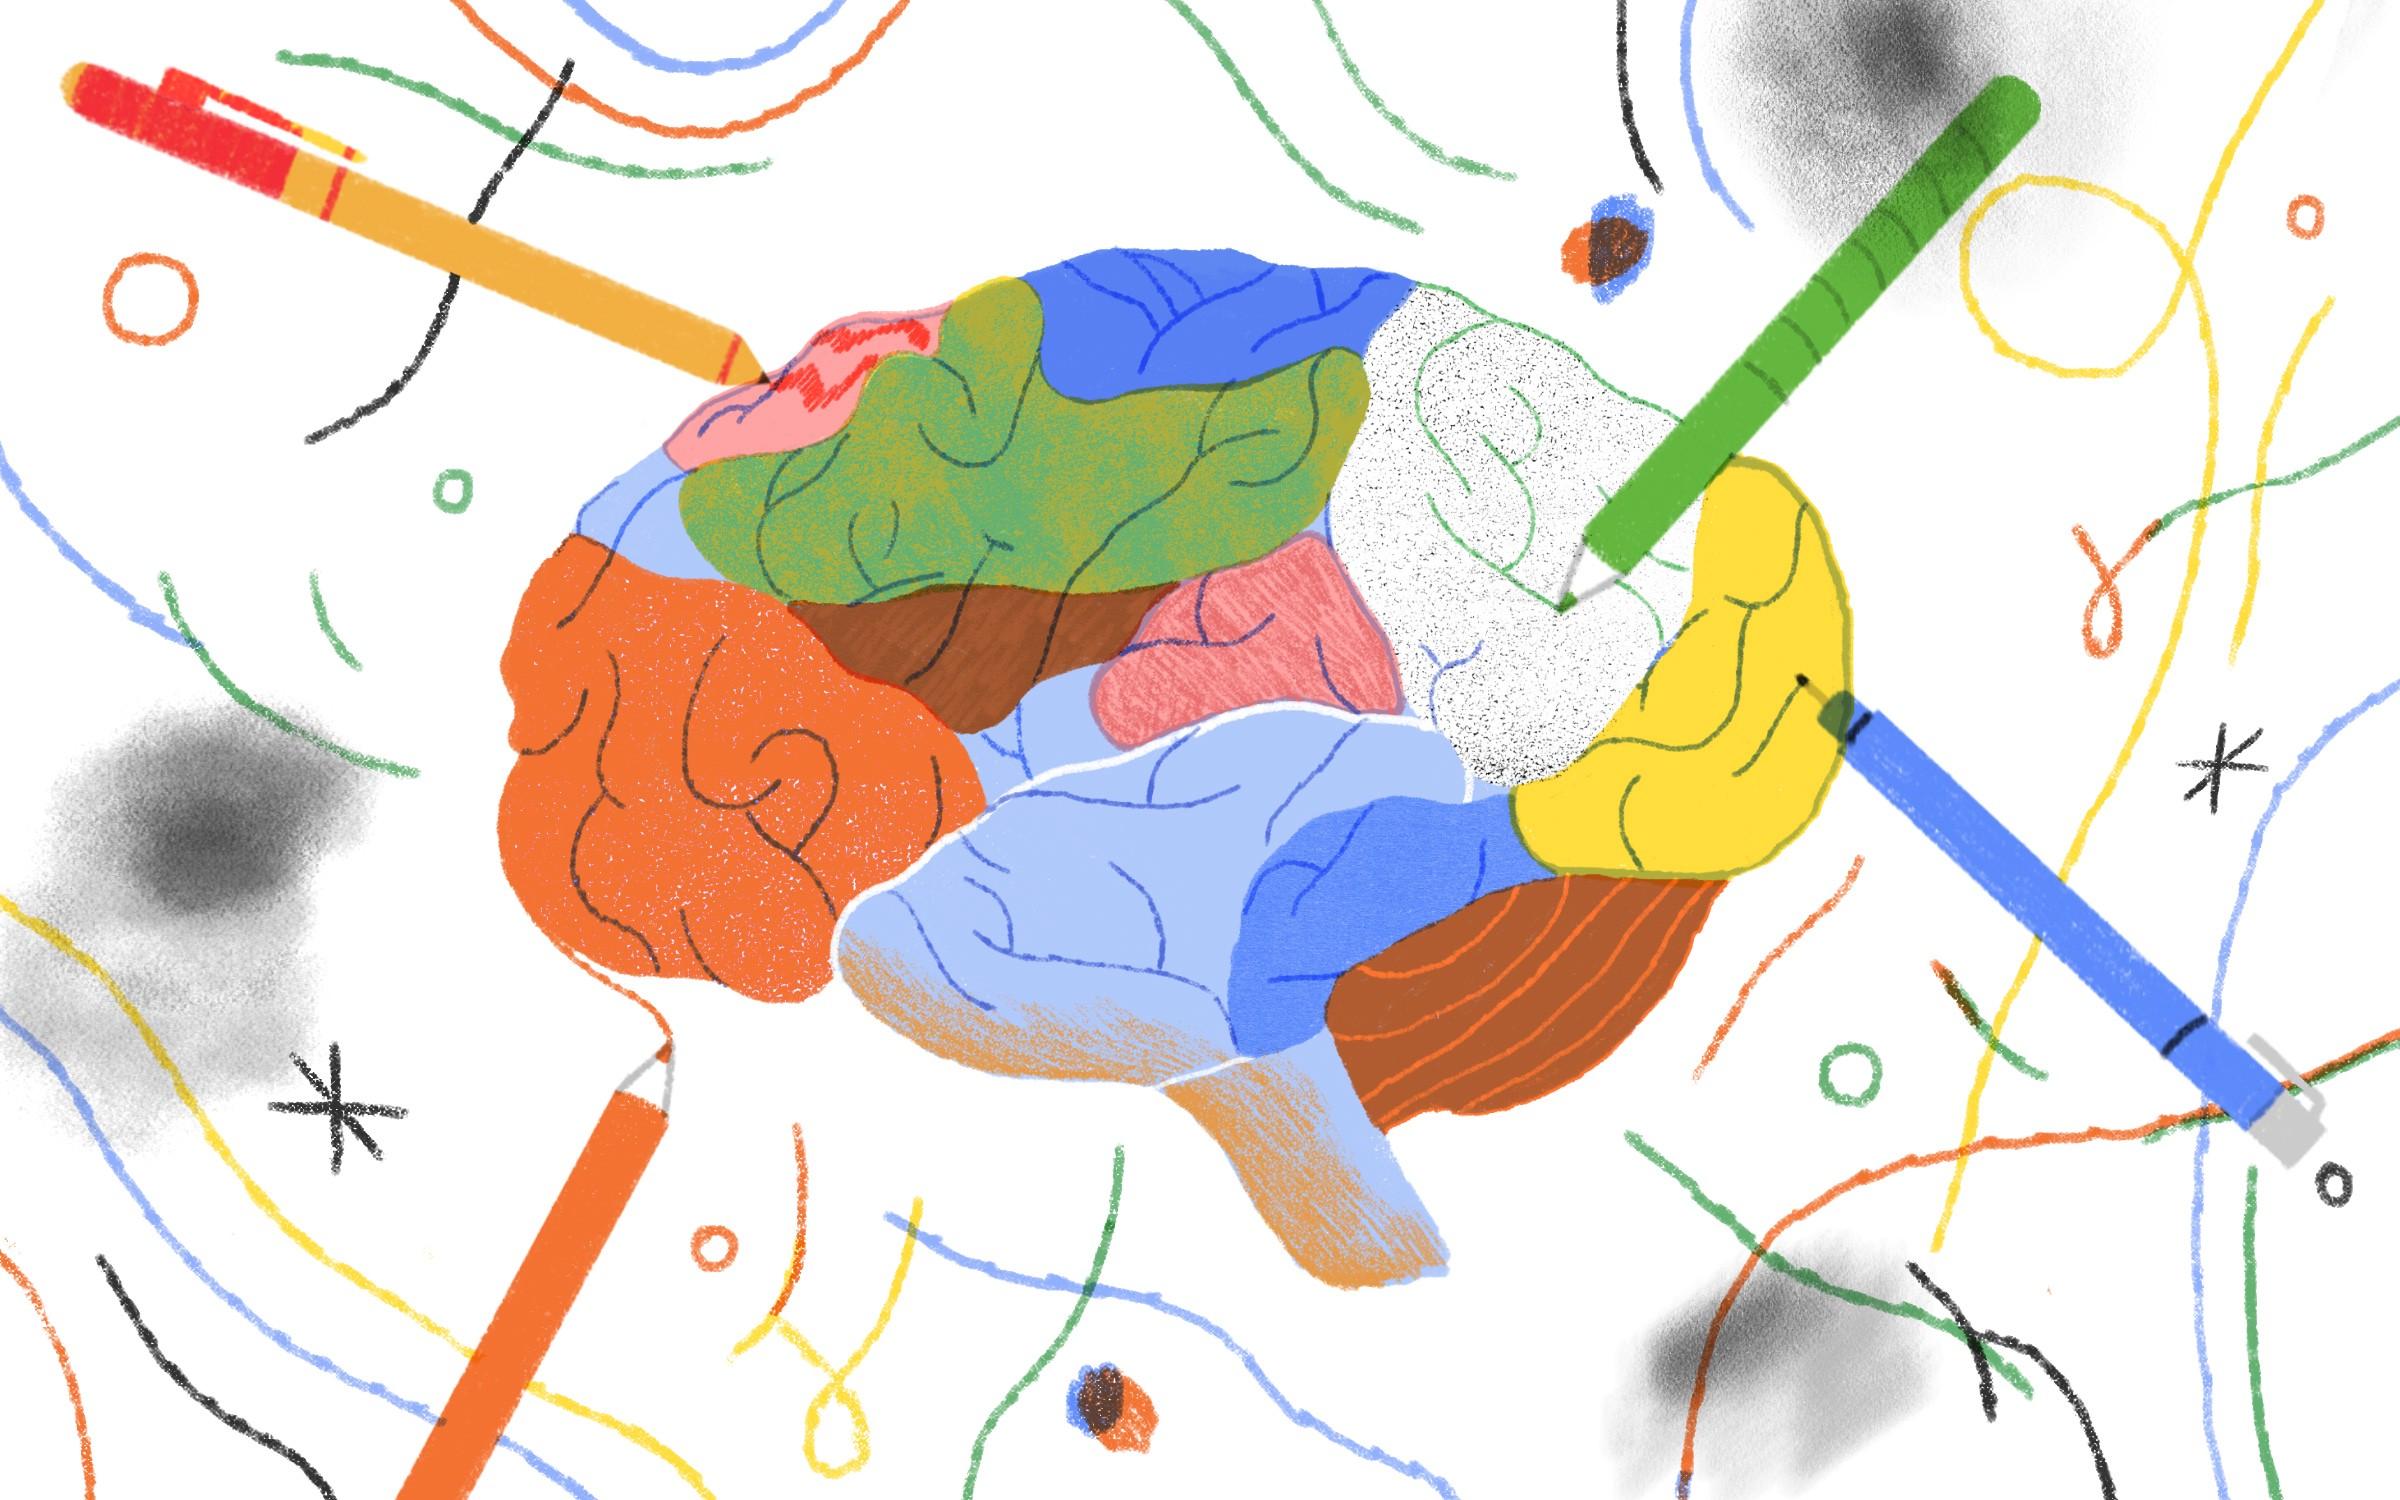 بازگشت به دستنویسی: برای مغزتان خوب است